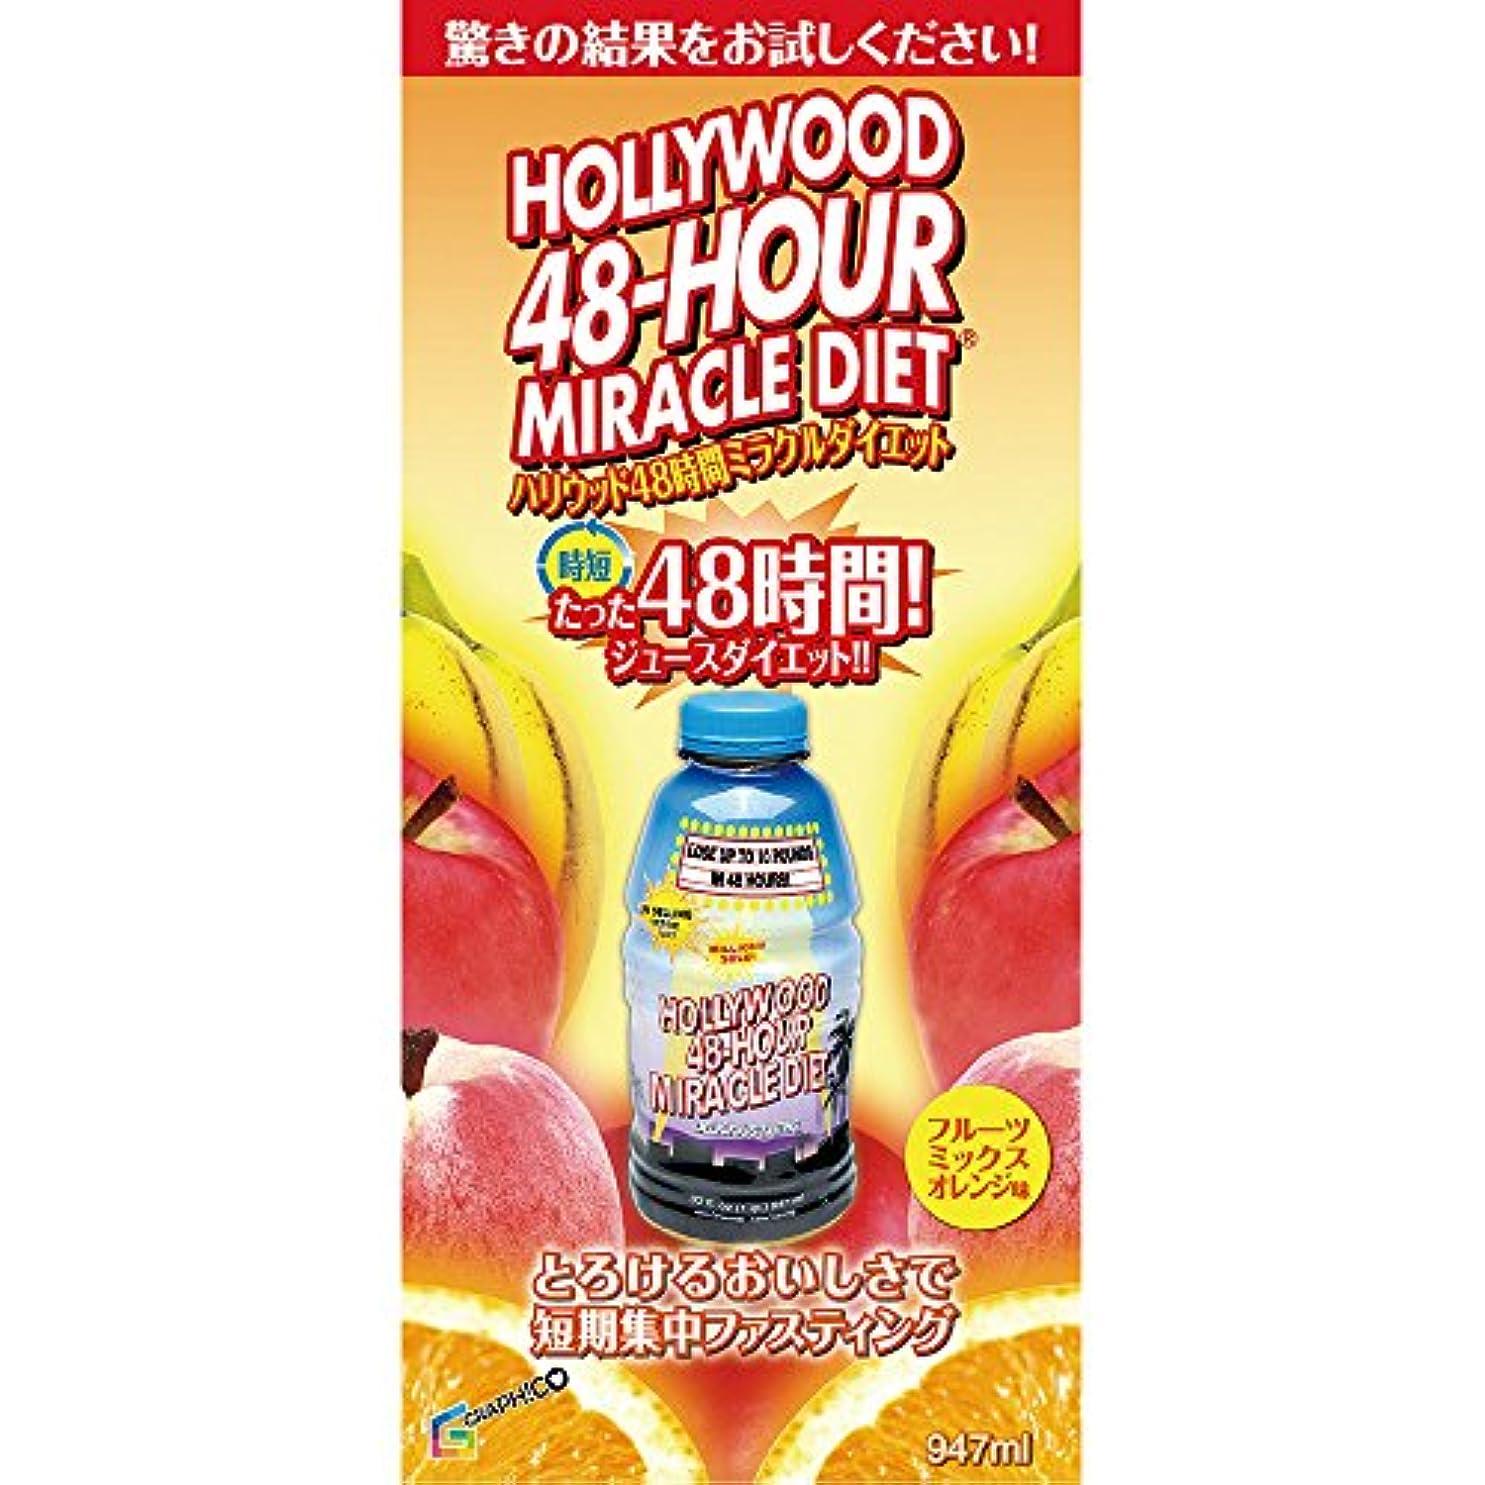 ましい水族館計り知れないハリウッド48時間 ミラクルダイエット (フルーツミックスオレンジ味) 947ml